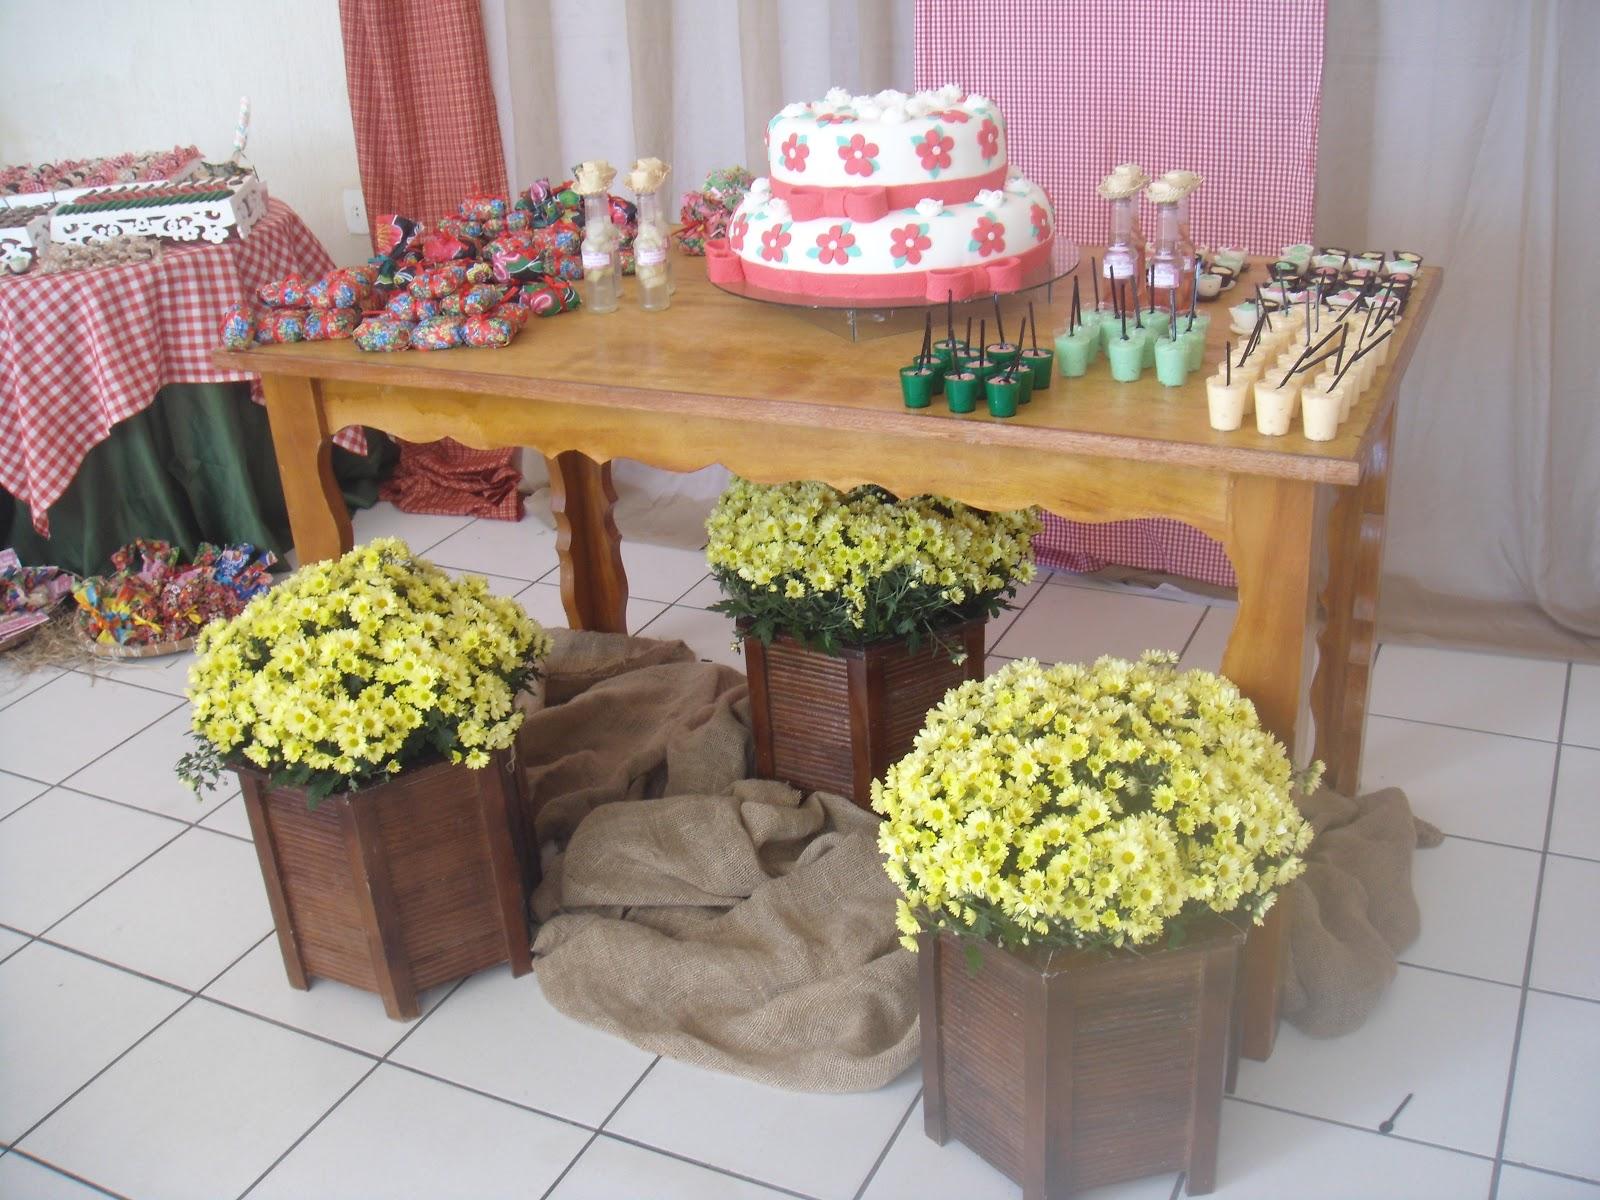 decoracao festa na roca:Embalagem de chita para o bolo prestígio, feito pelo atelier.